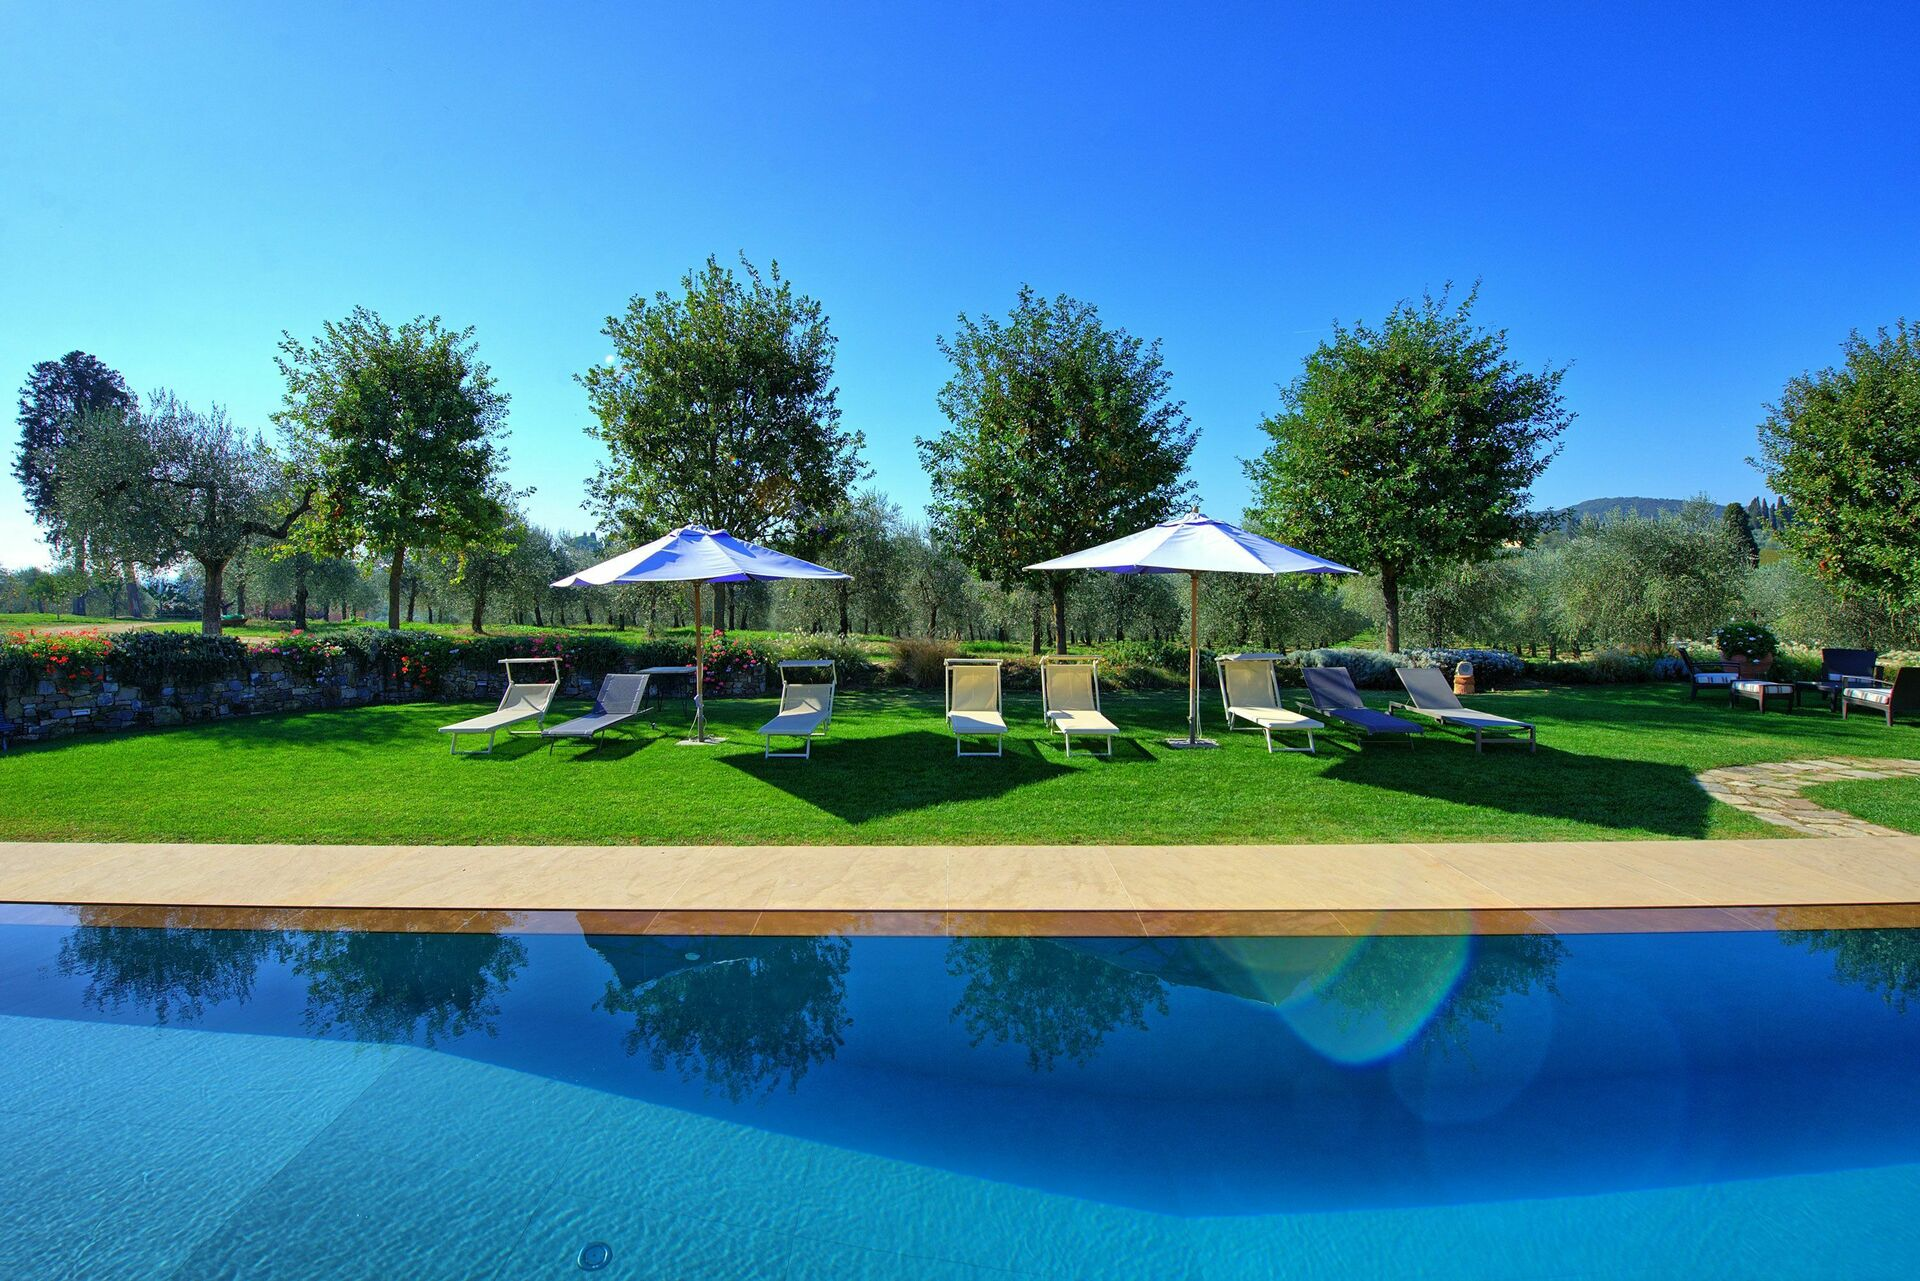 Villa Colleramole, Luxus Ferienhaus in Certosa Toskana - 6 Schlafplätze und  3 Schlafzimmer - Luxus Ferienhaus in Certosa Italien